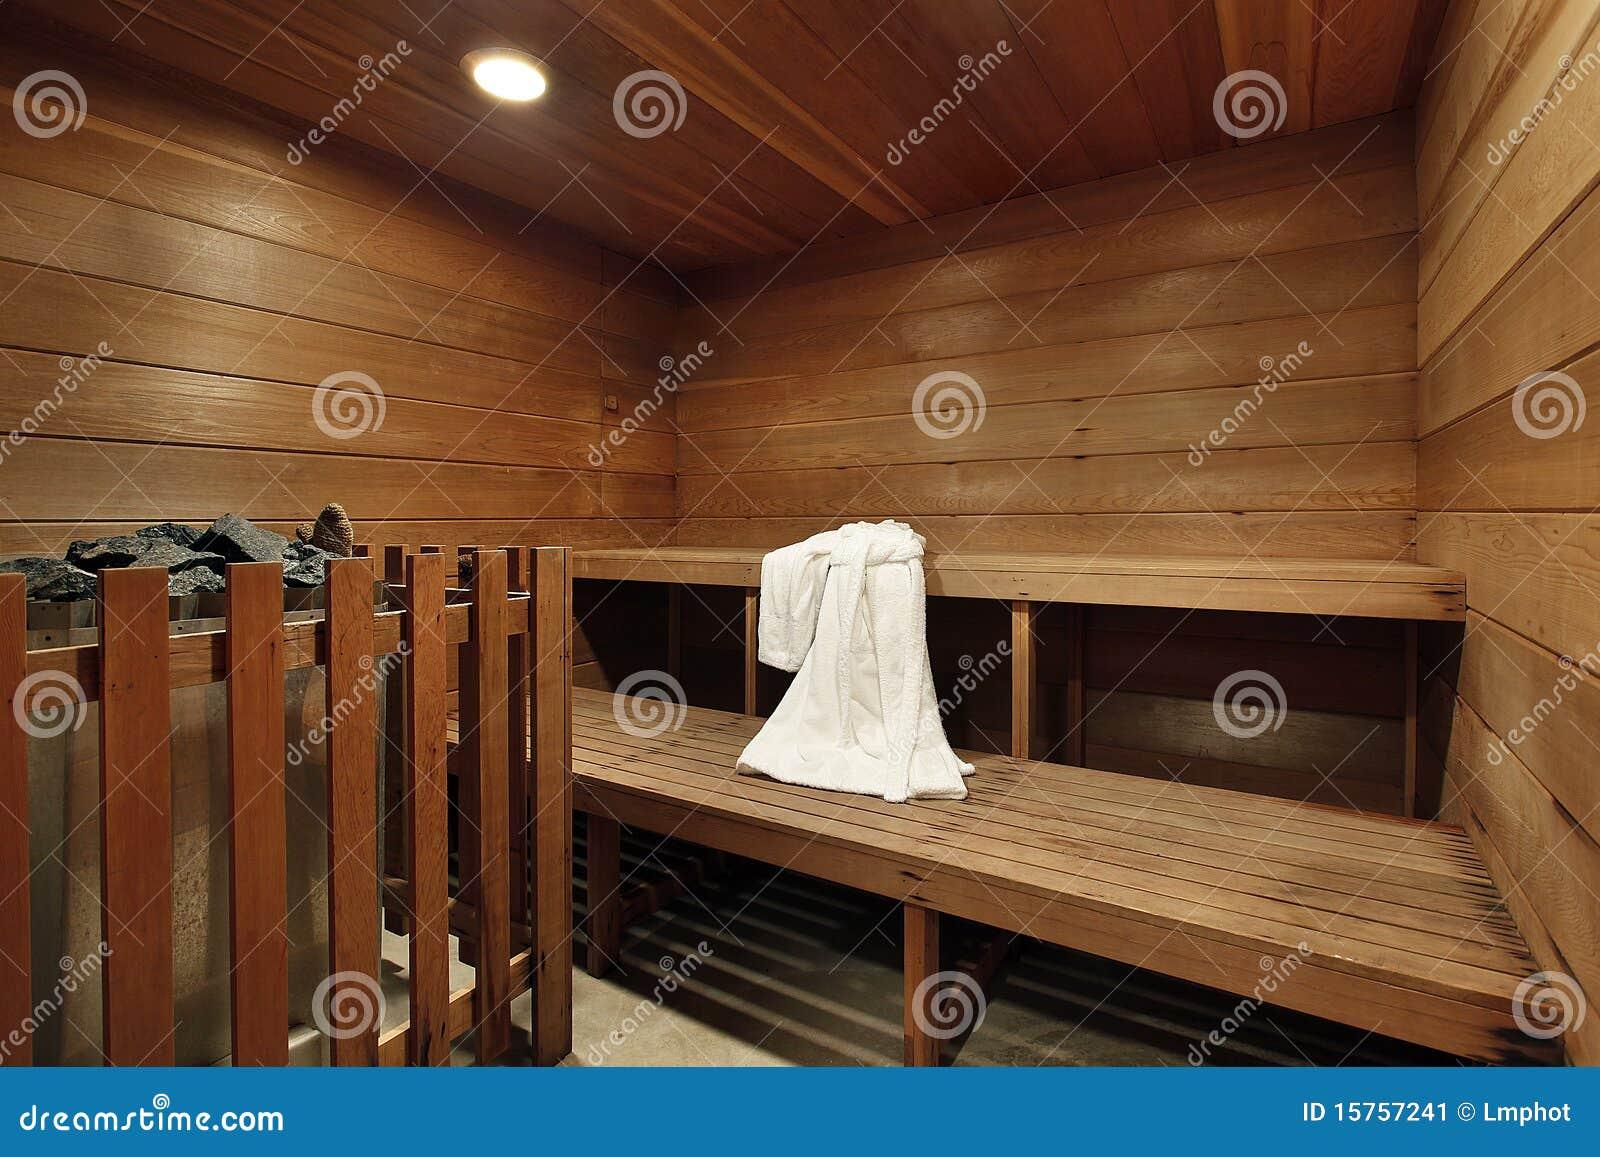 Welchen Fußboden In Der Sauna ~ Sauna im luxuxhaus stockbild. bild von innen fußboden 15757241